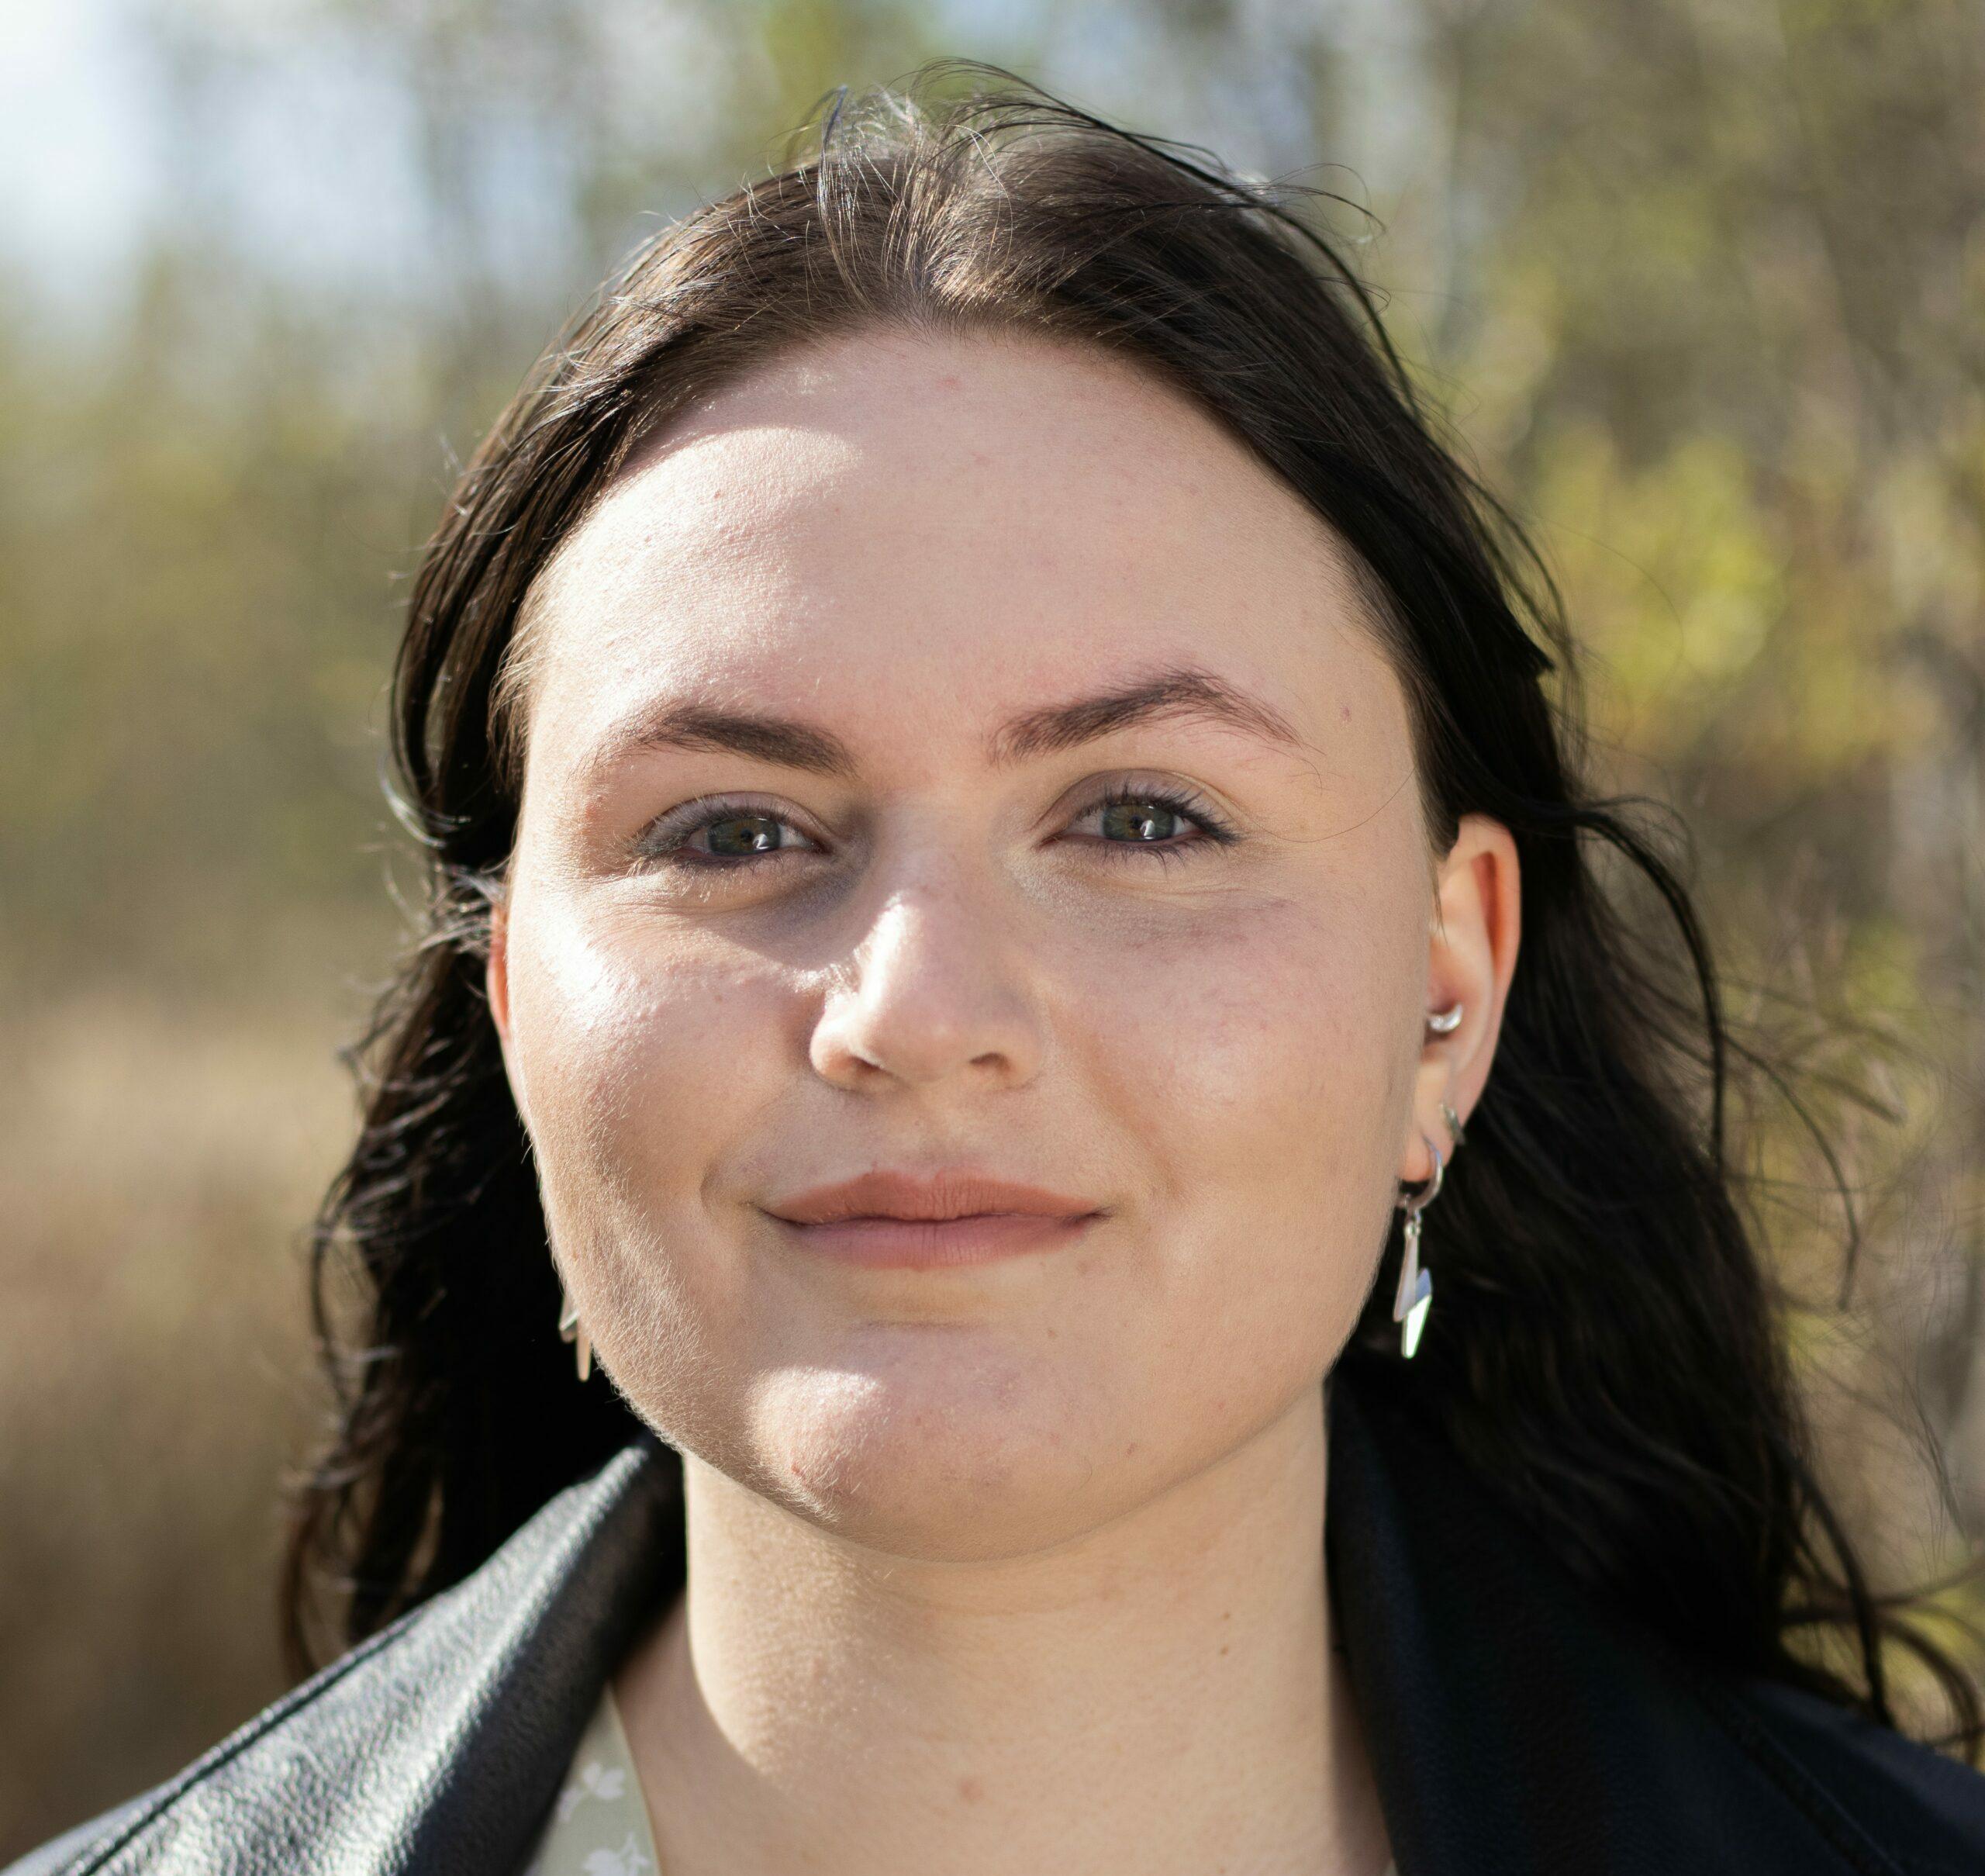 Katrín Sigríður Júlíu Steingrímsdóttir Alþingiskosningar 2021 3. sæti Reykjavíkurkjördæmi norður